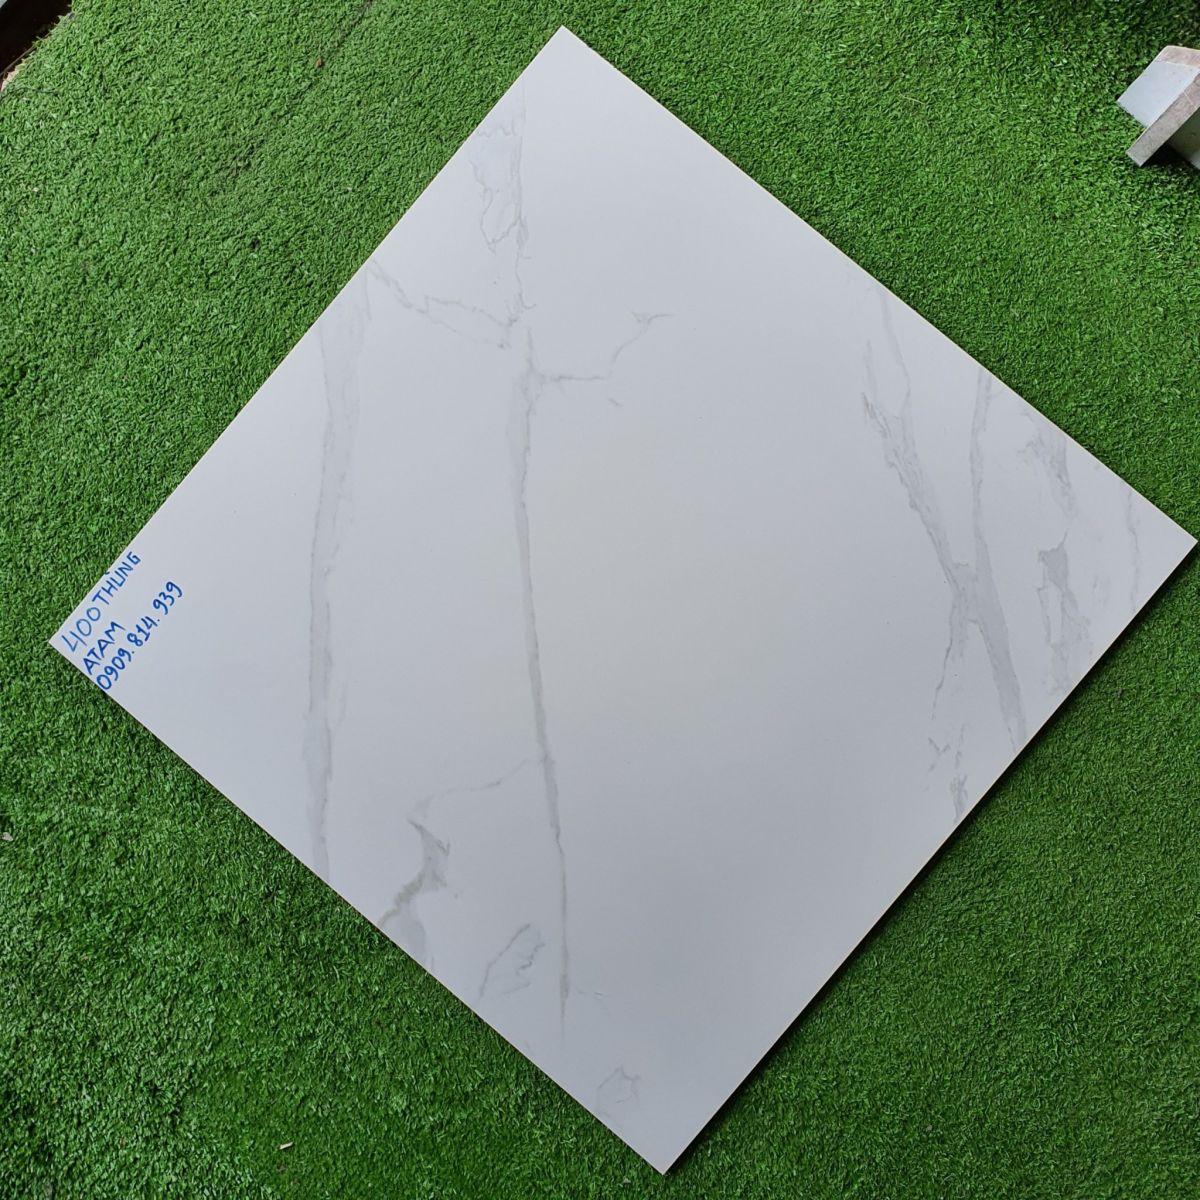 Gạch lát nền giá rẻ 60x60, gạch bóng kiếng cao cấp giá rẻ